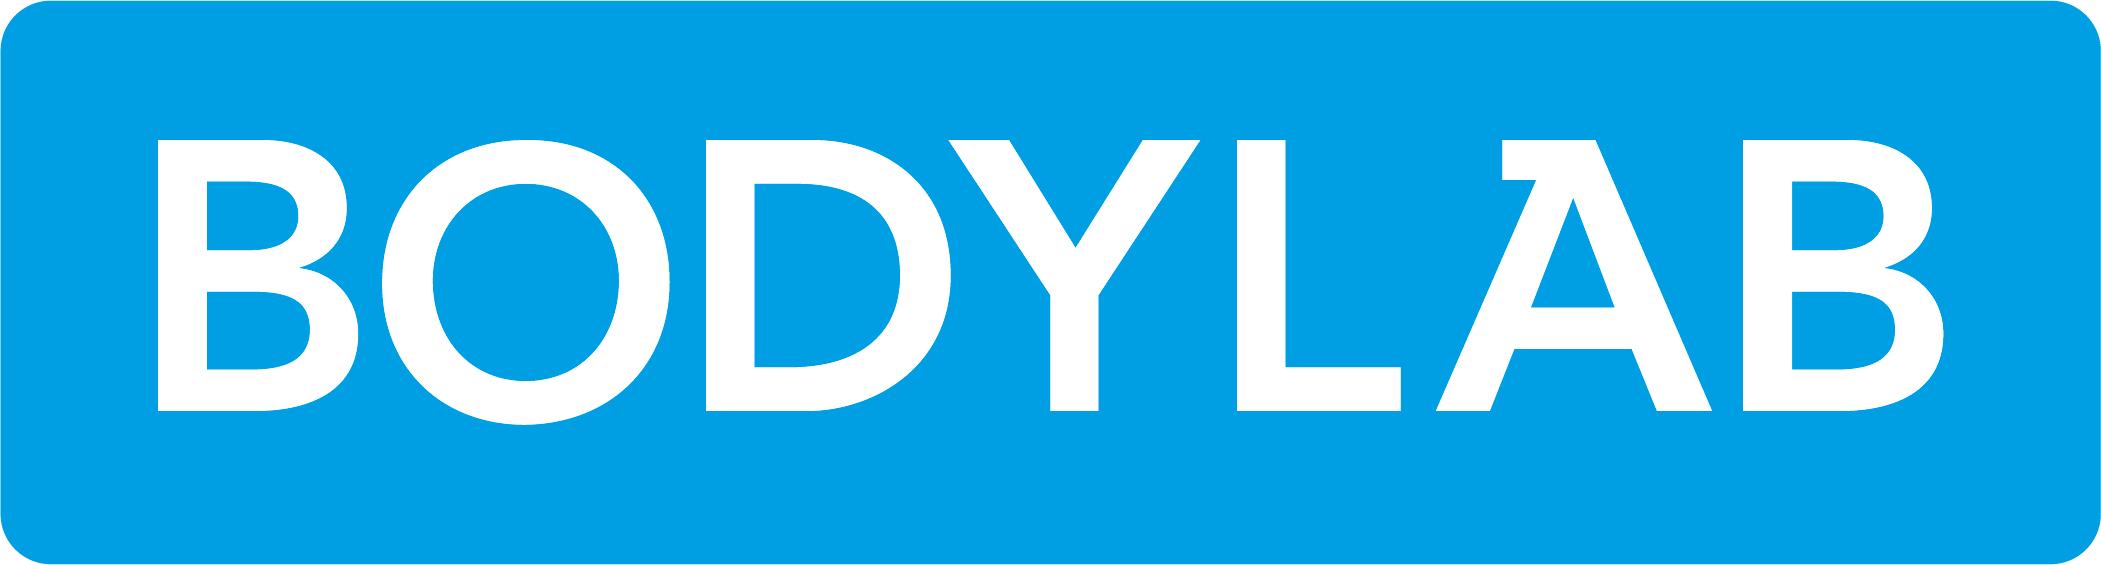 bodylab_logo_blue.png